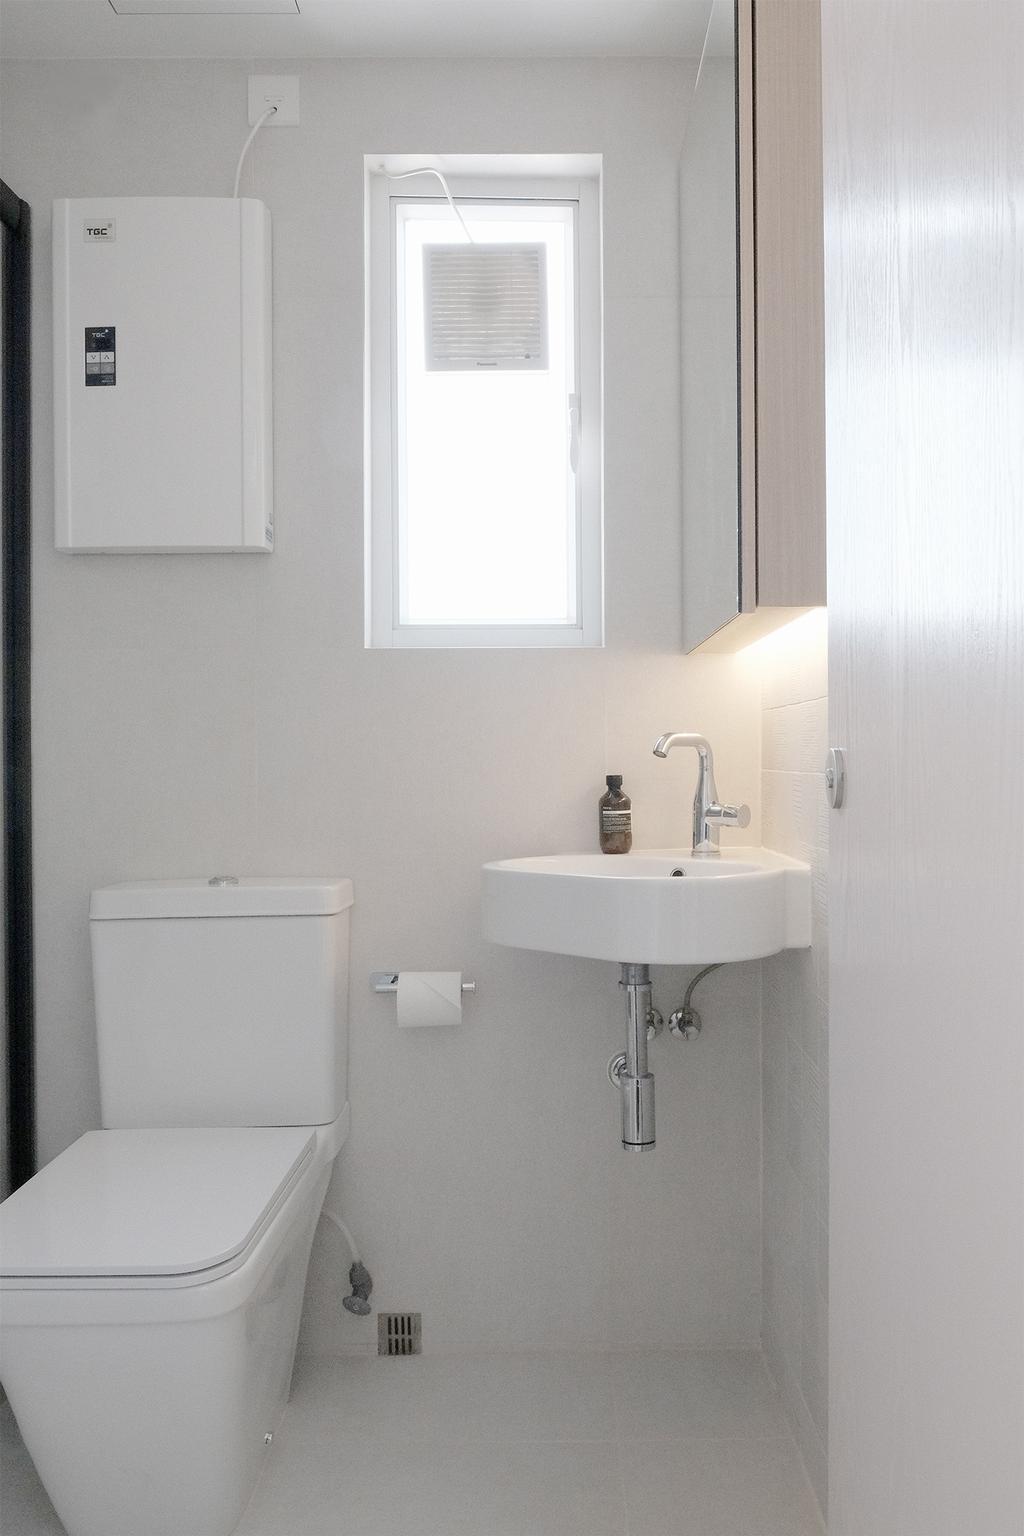 當代, 私家樓, 浴室, 西灣河, 室內設計師, Studio Roof